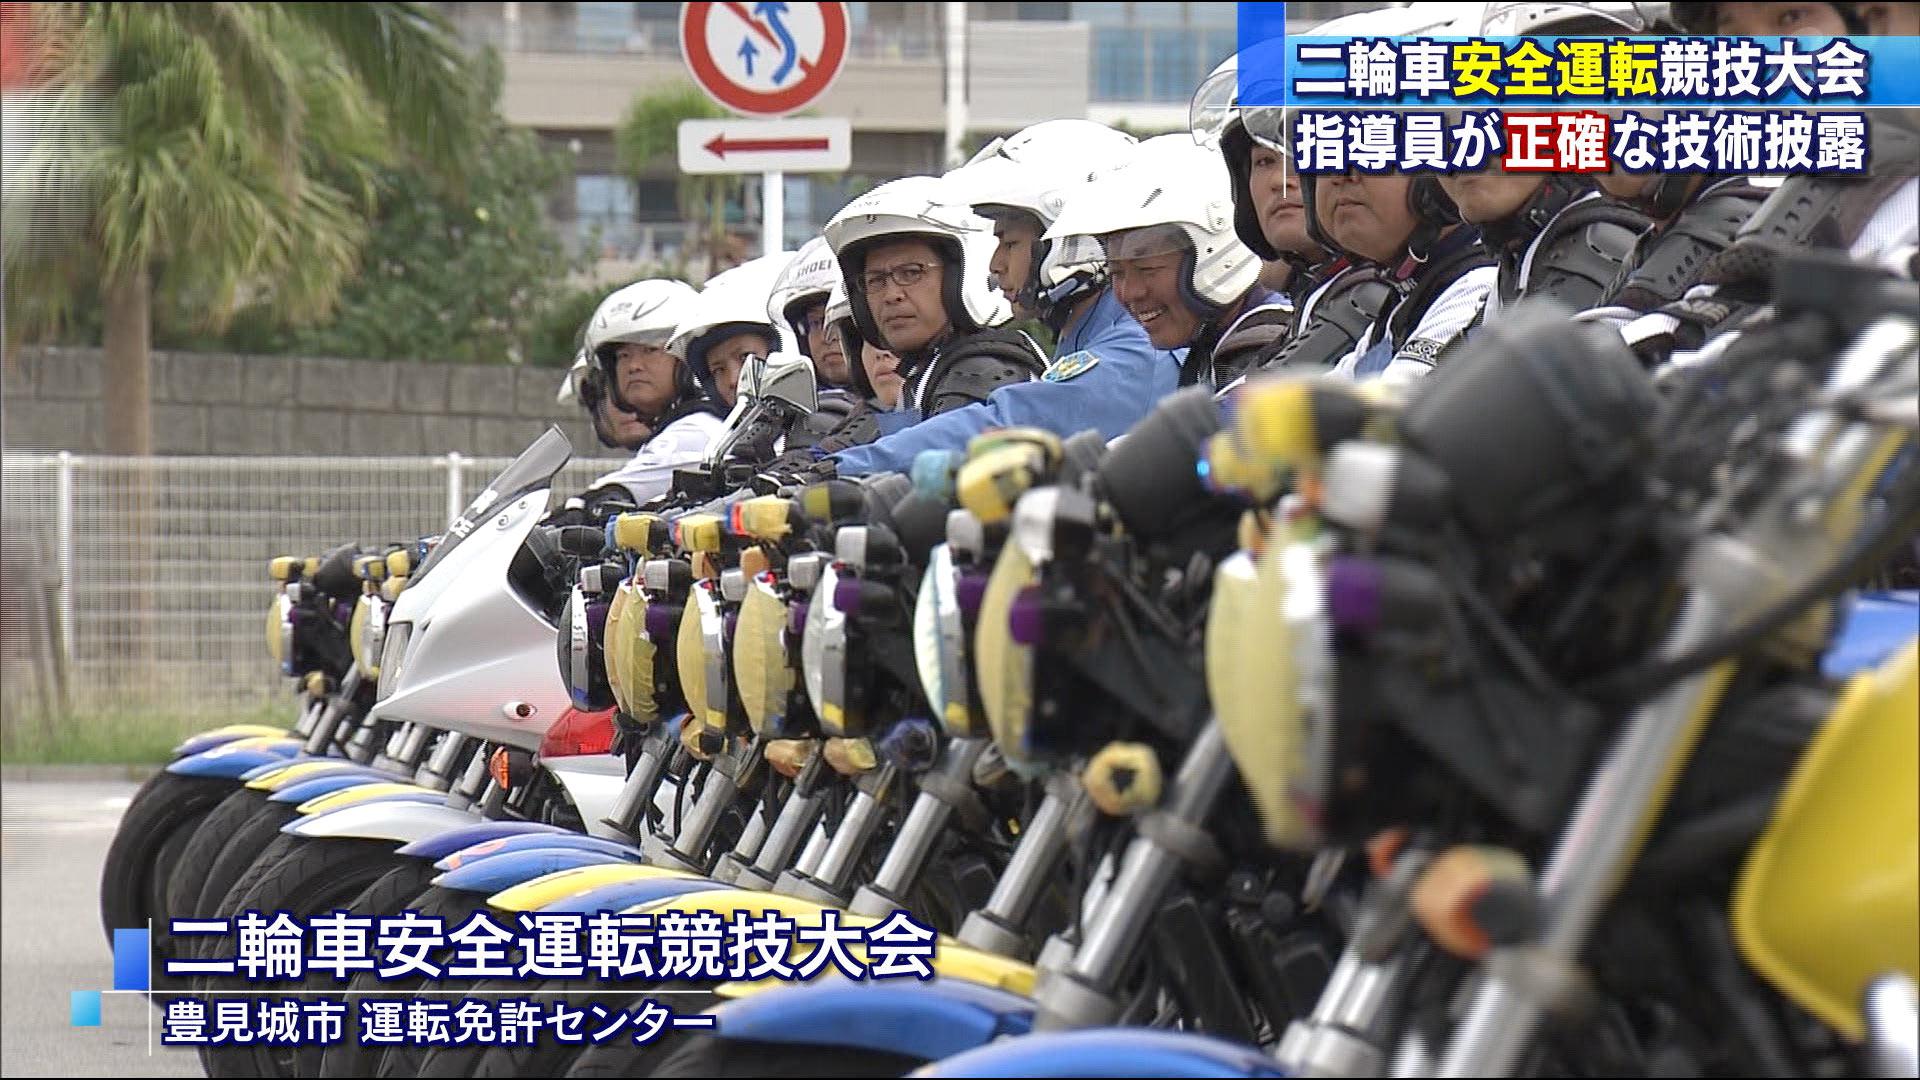 二輪車安全運転競技大会